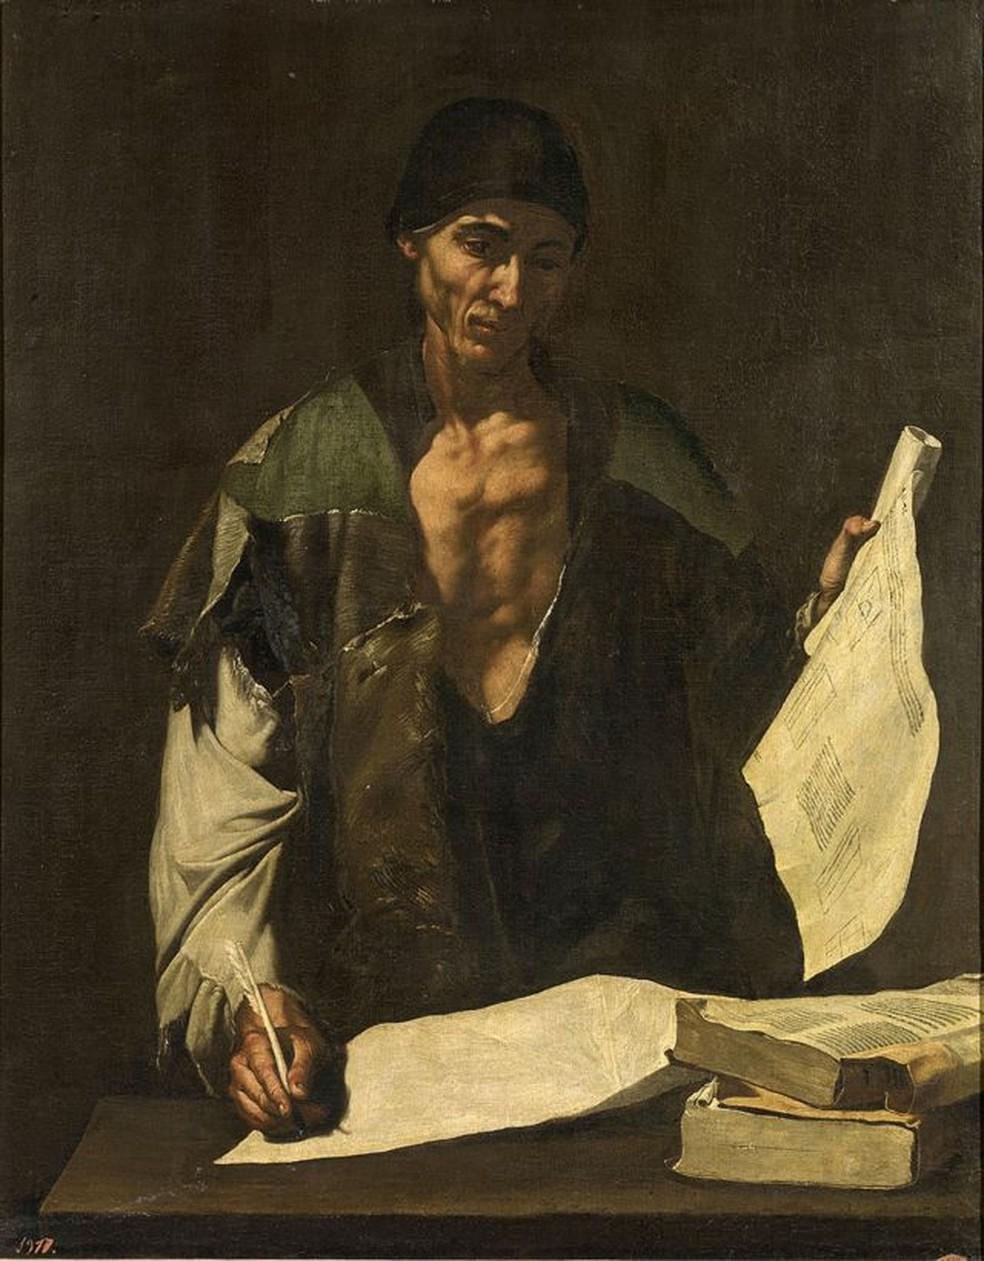 Foi assim que o pintor espanhol José de Ribera (1591-1652) imaginou Arquimedes — Foto: GETTY IMAGES via BBC